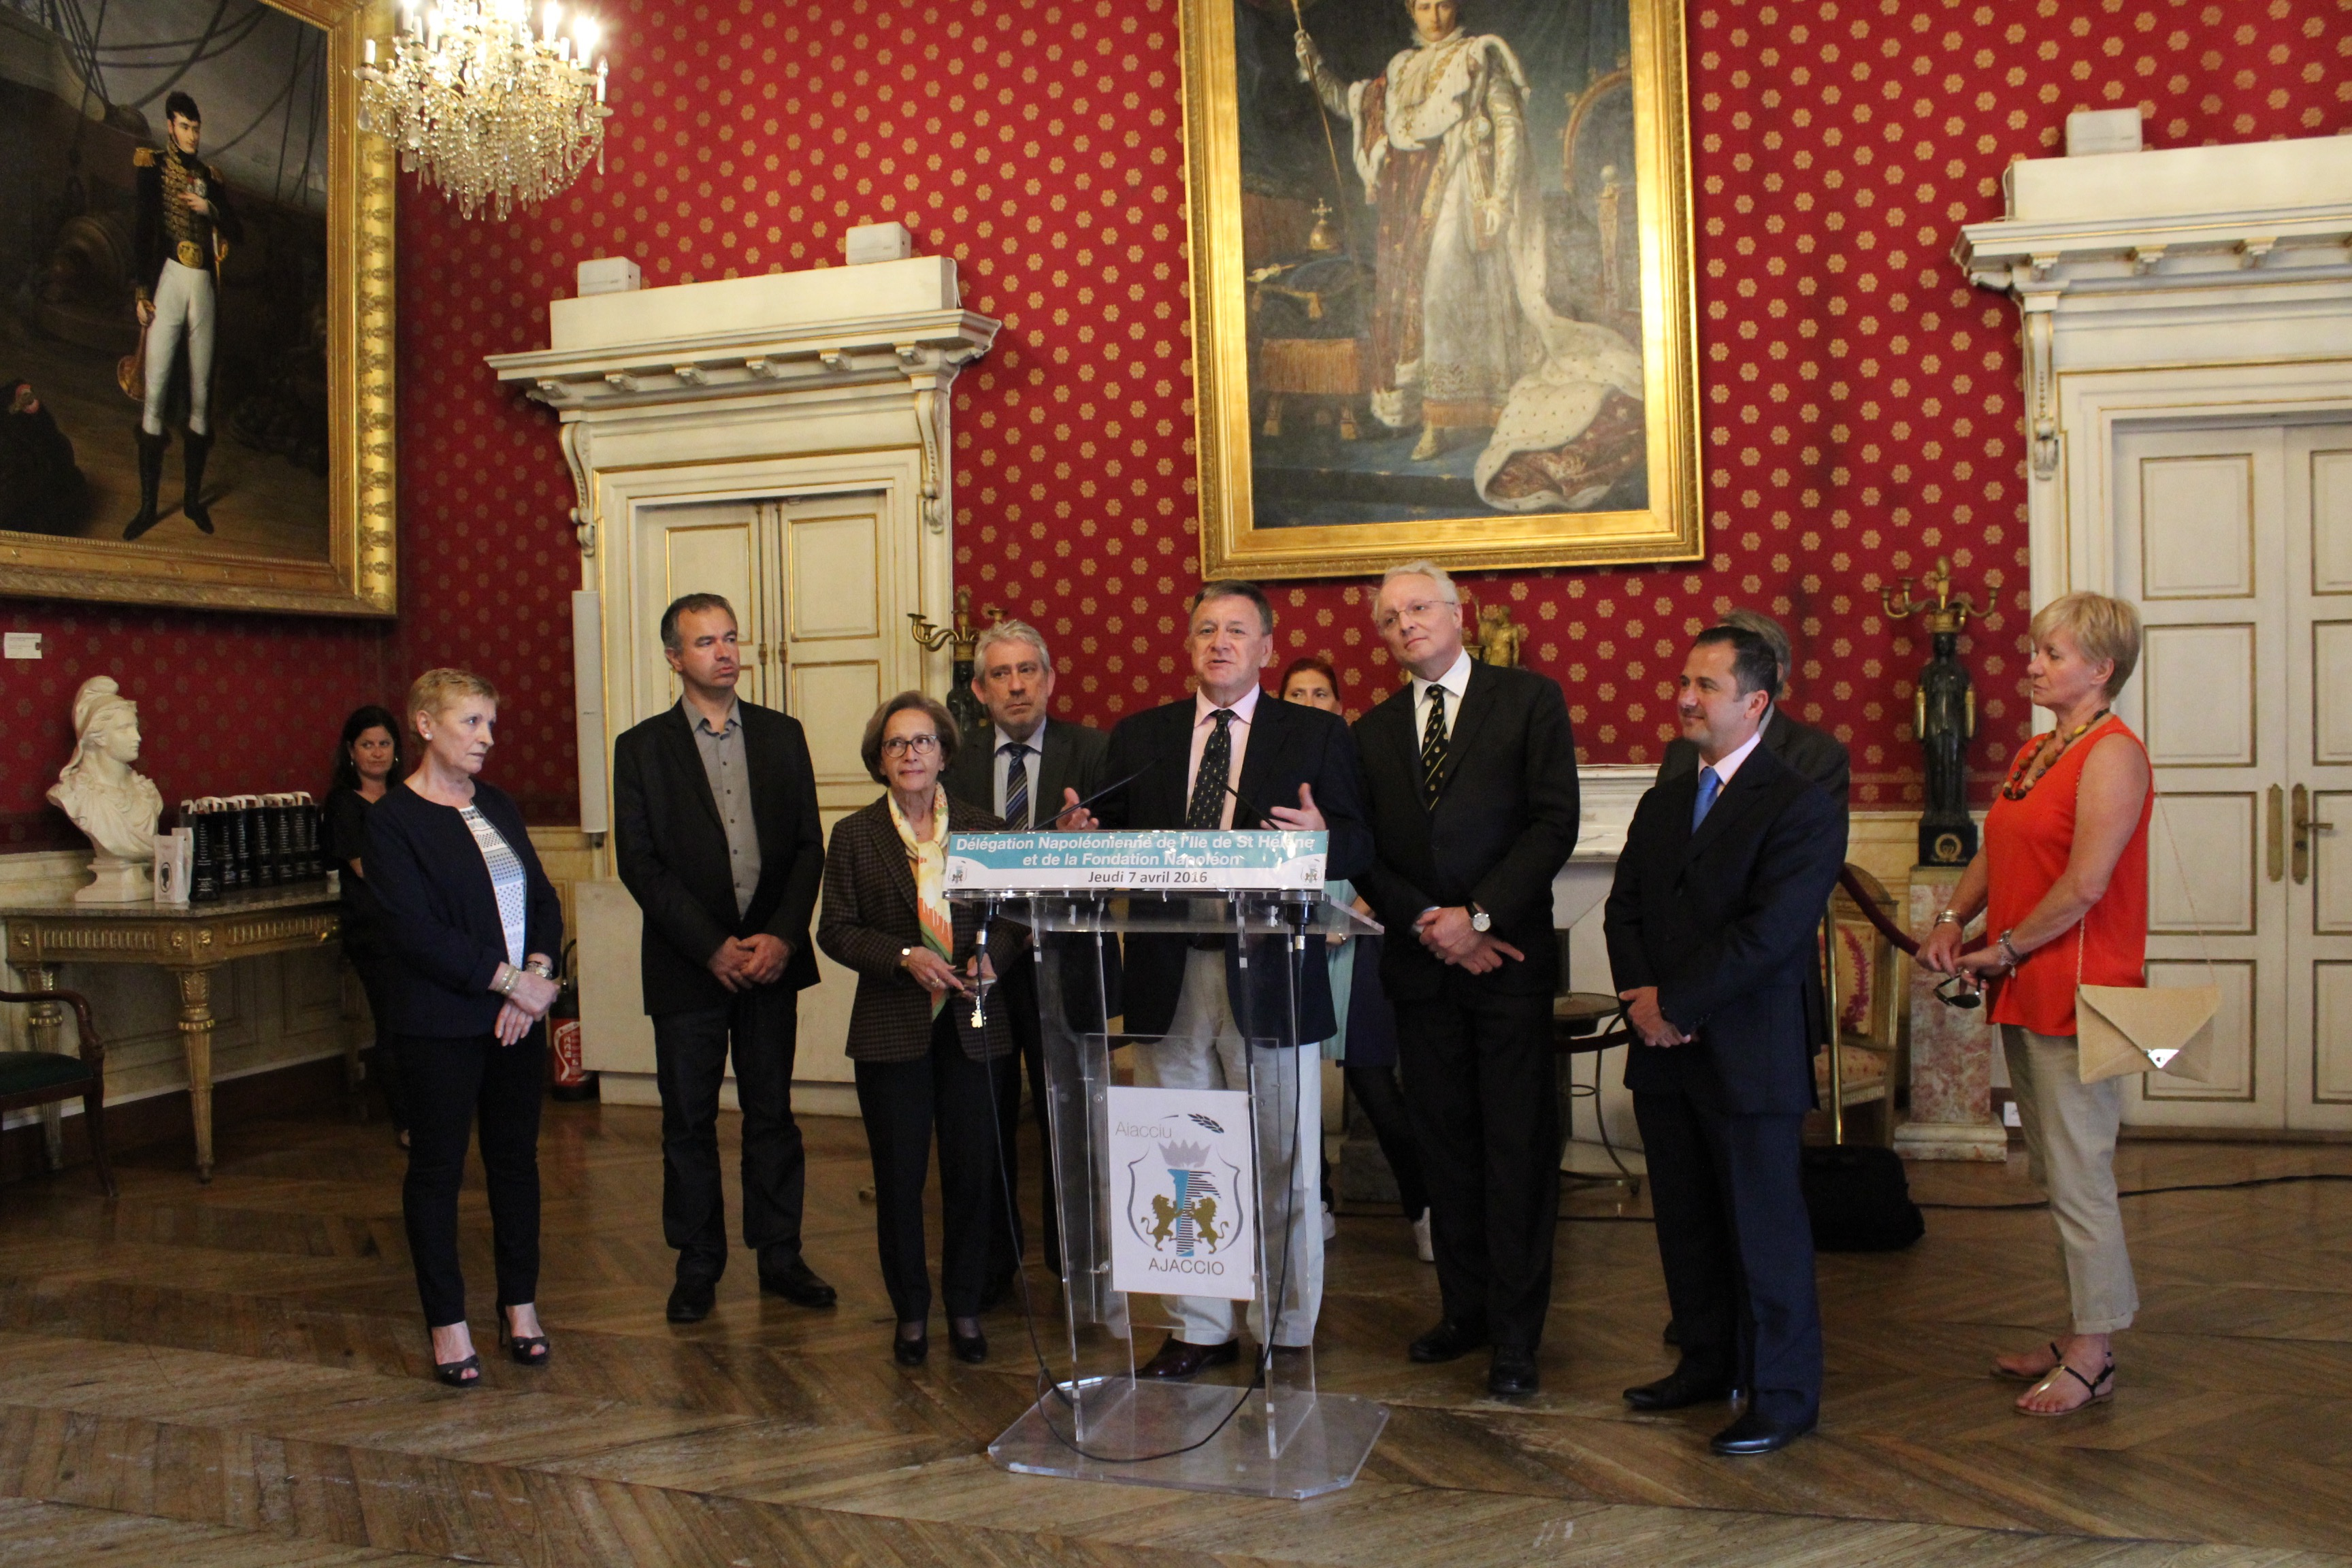 Visite d'une délégation Napoléonienne à l'Hôtel de ville